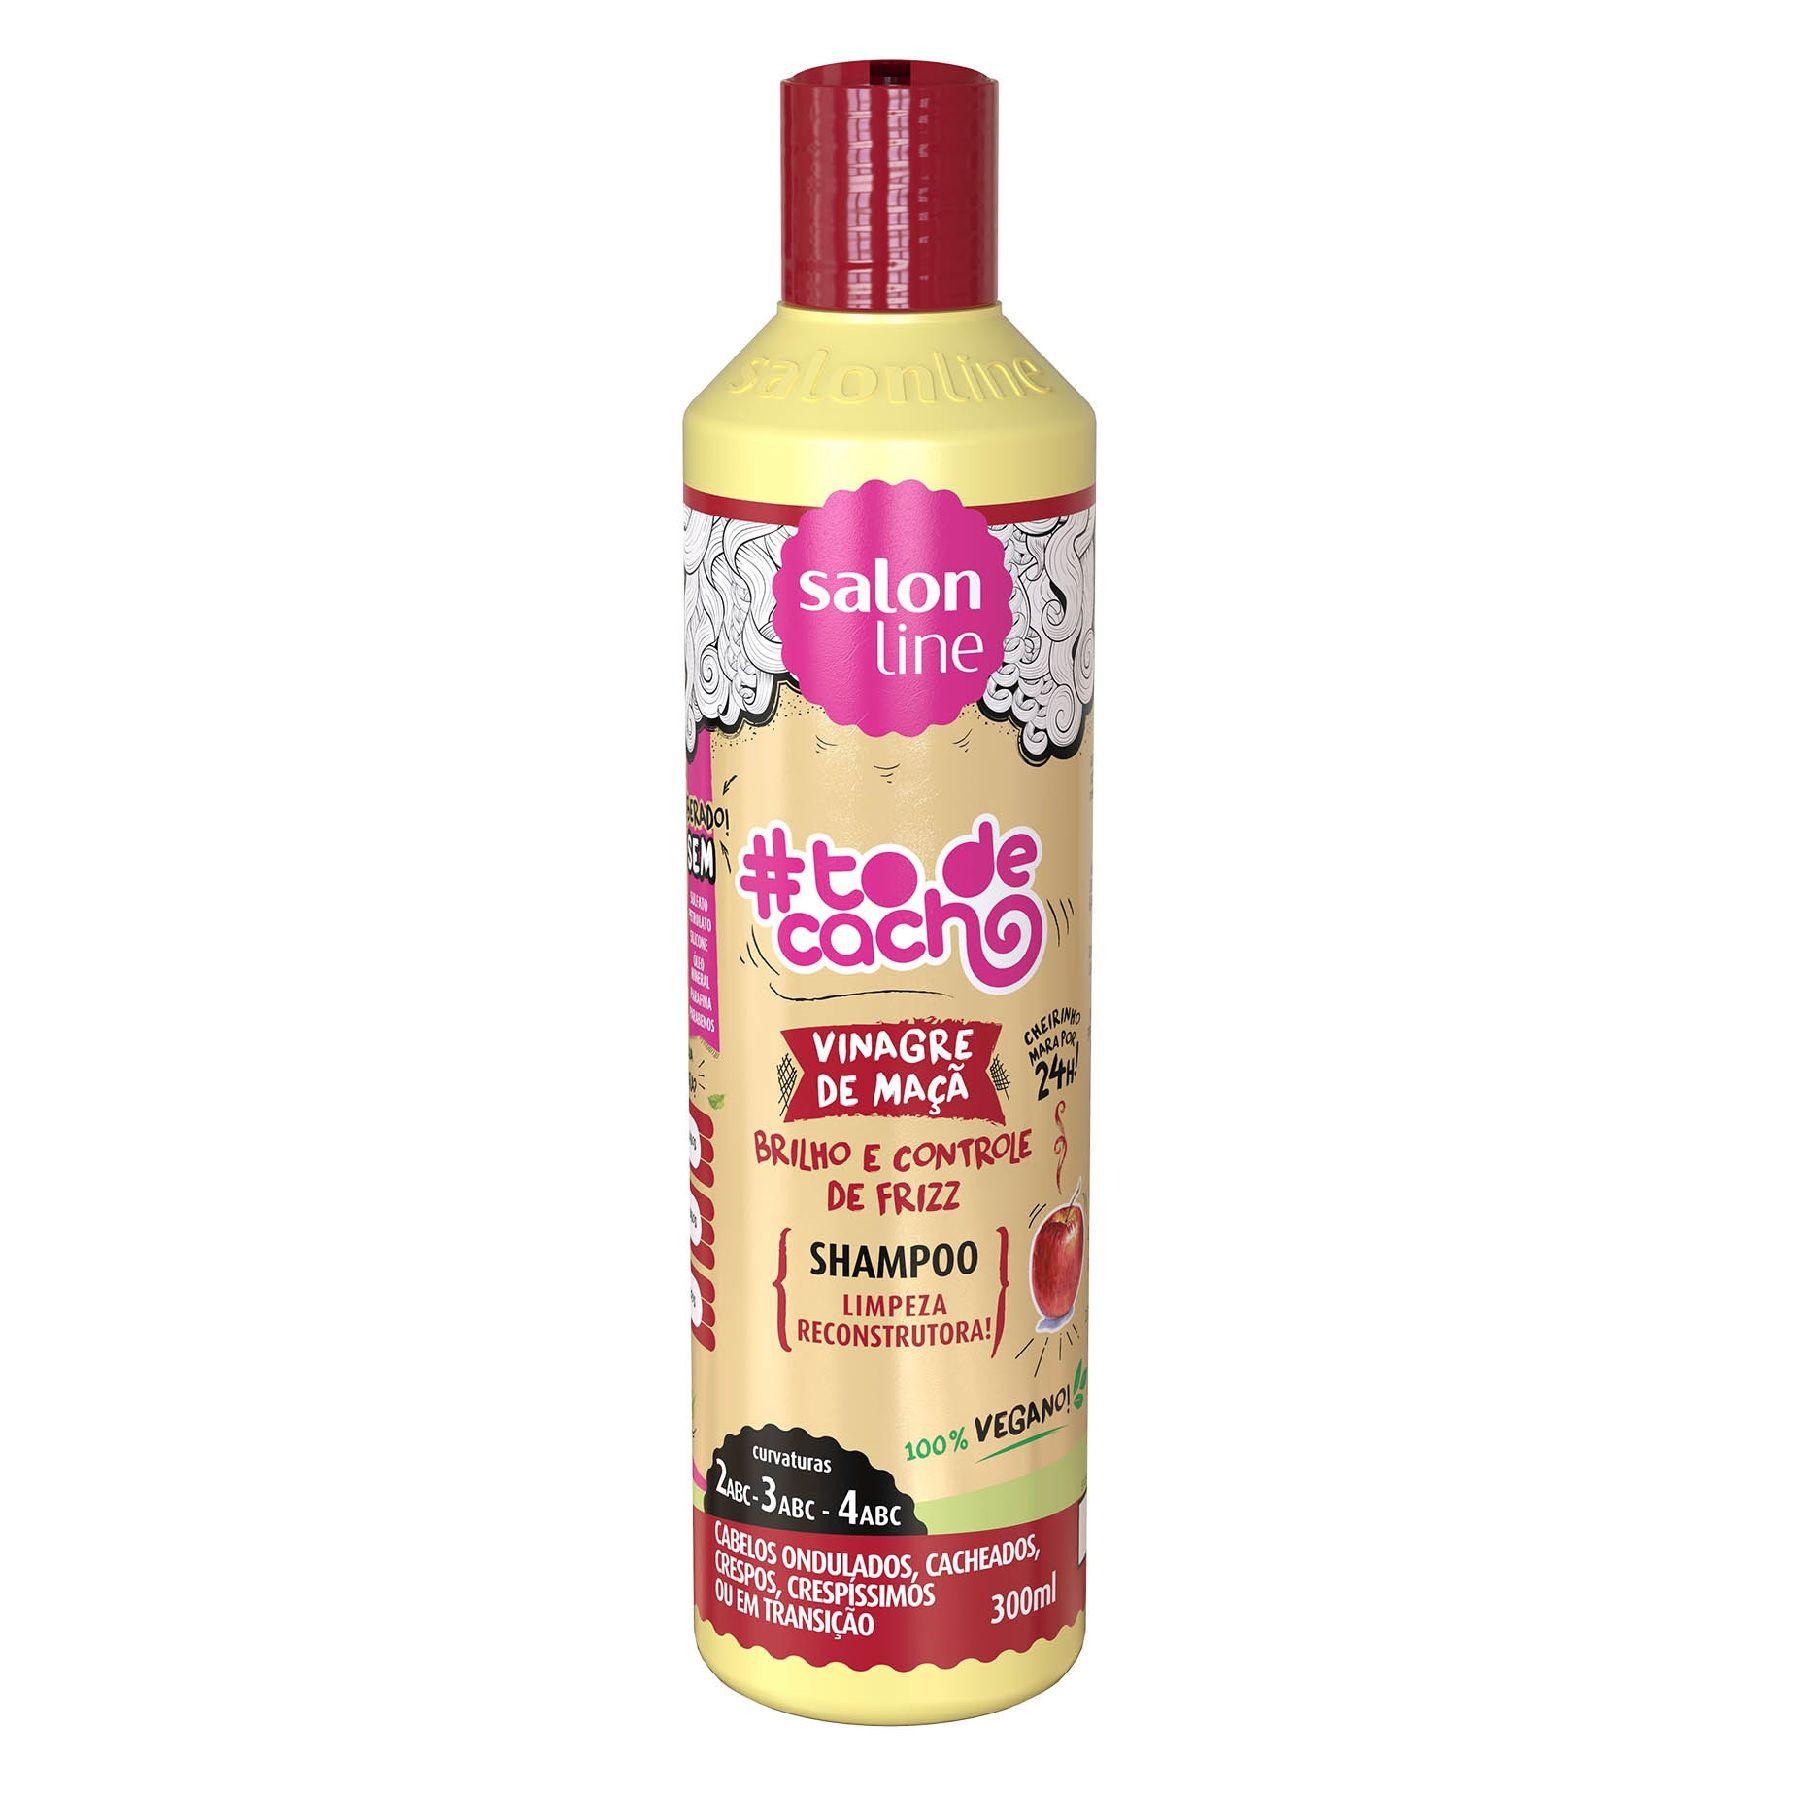 shampoo salon line #todecacho vinagre de maçã 300ml